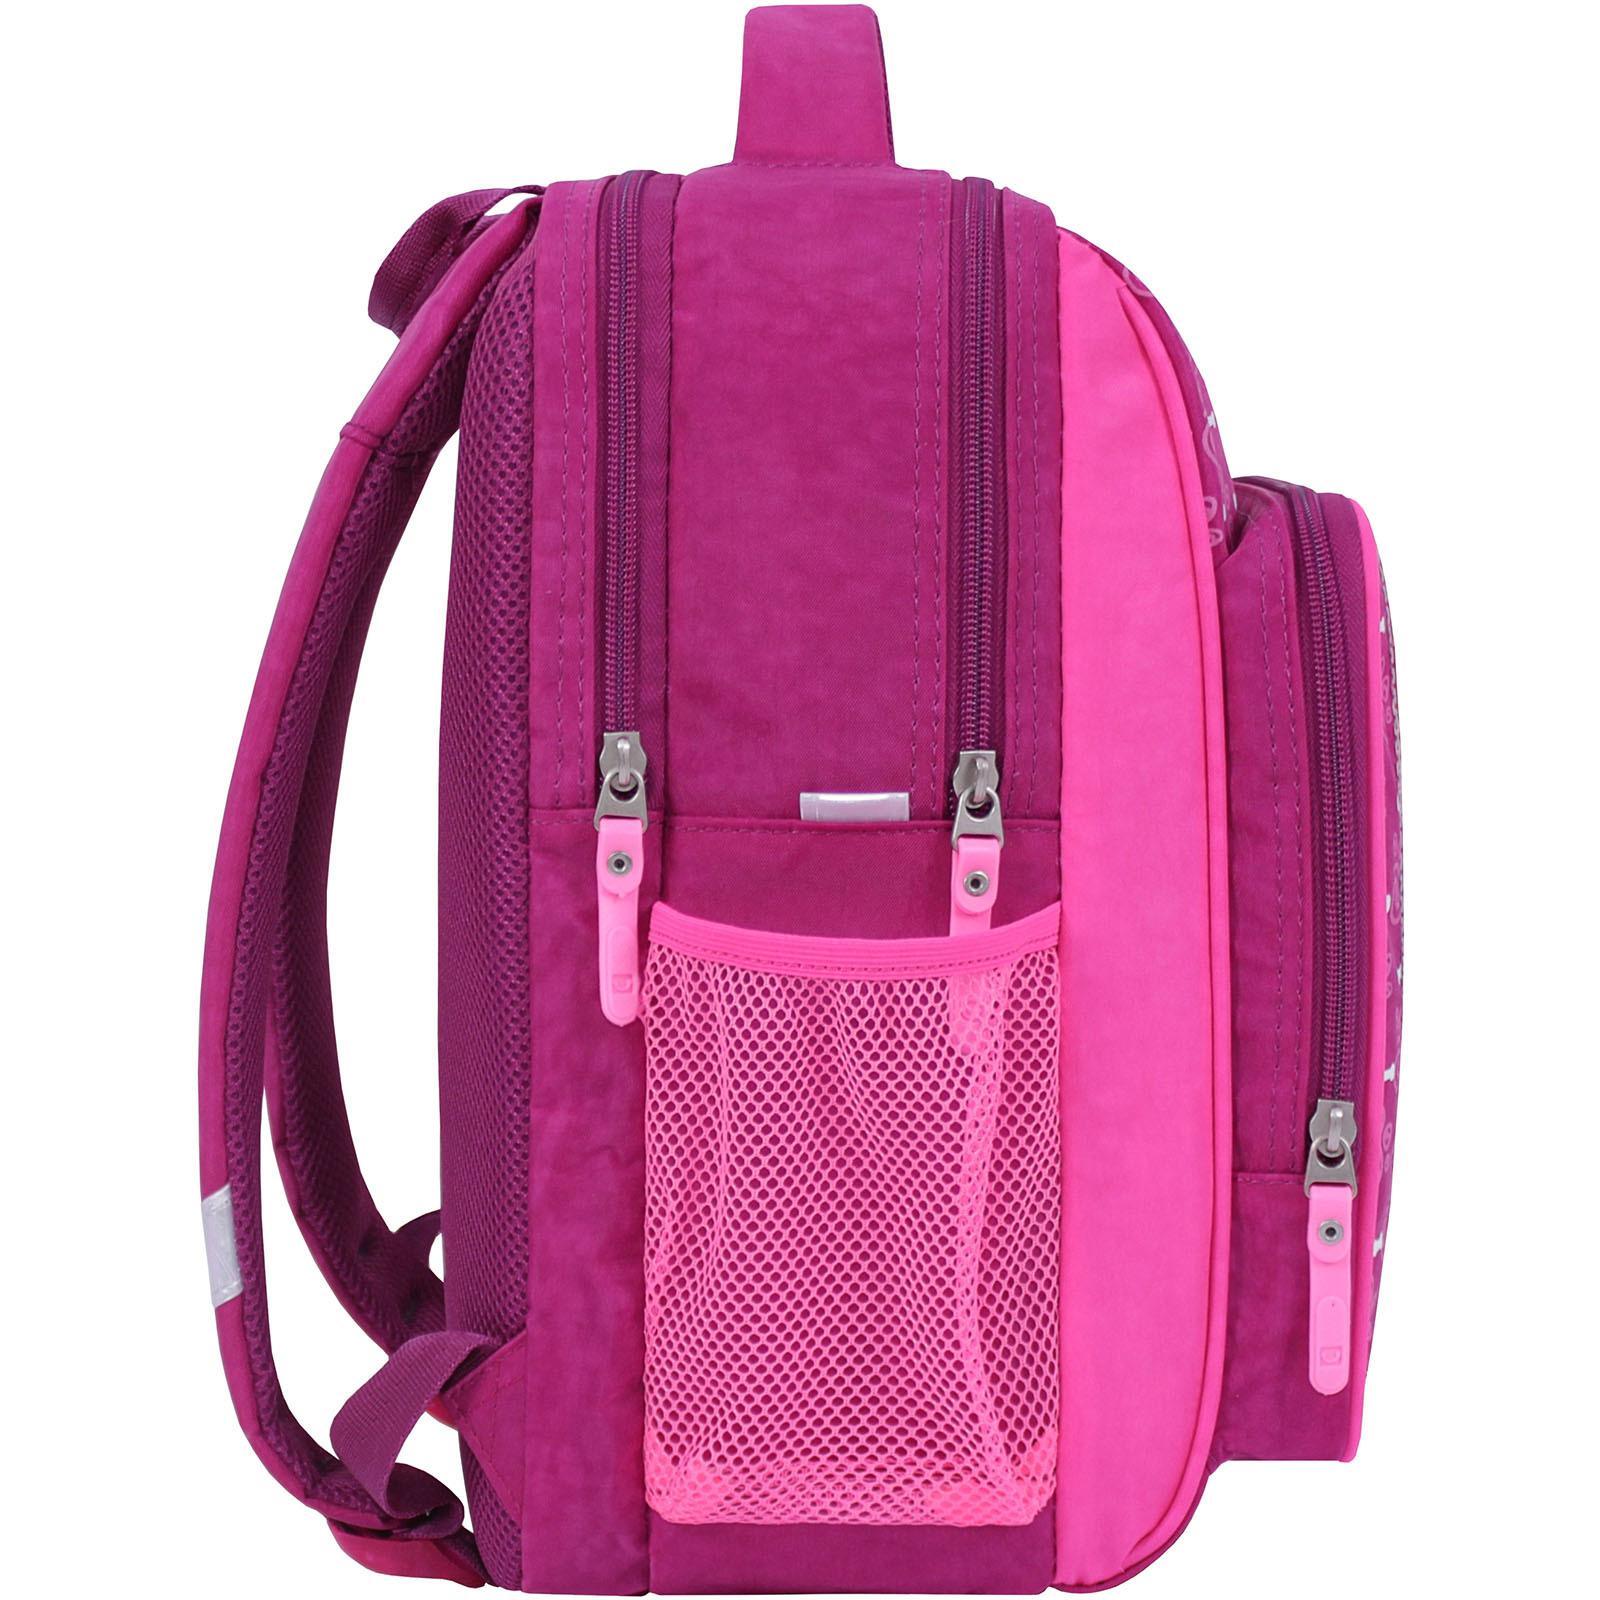 Рюкзак школьный Bagland Школьник 8 л. 143 малиновый 512 (0012870) фото 2